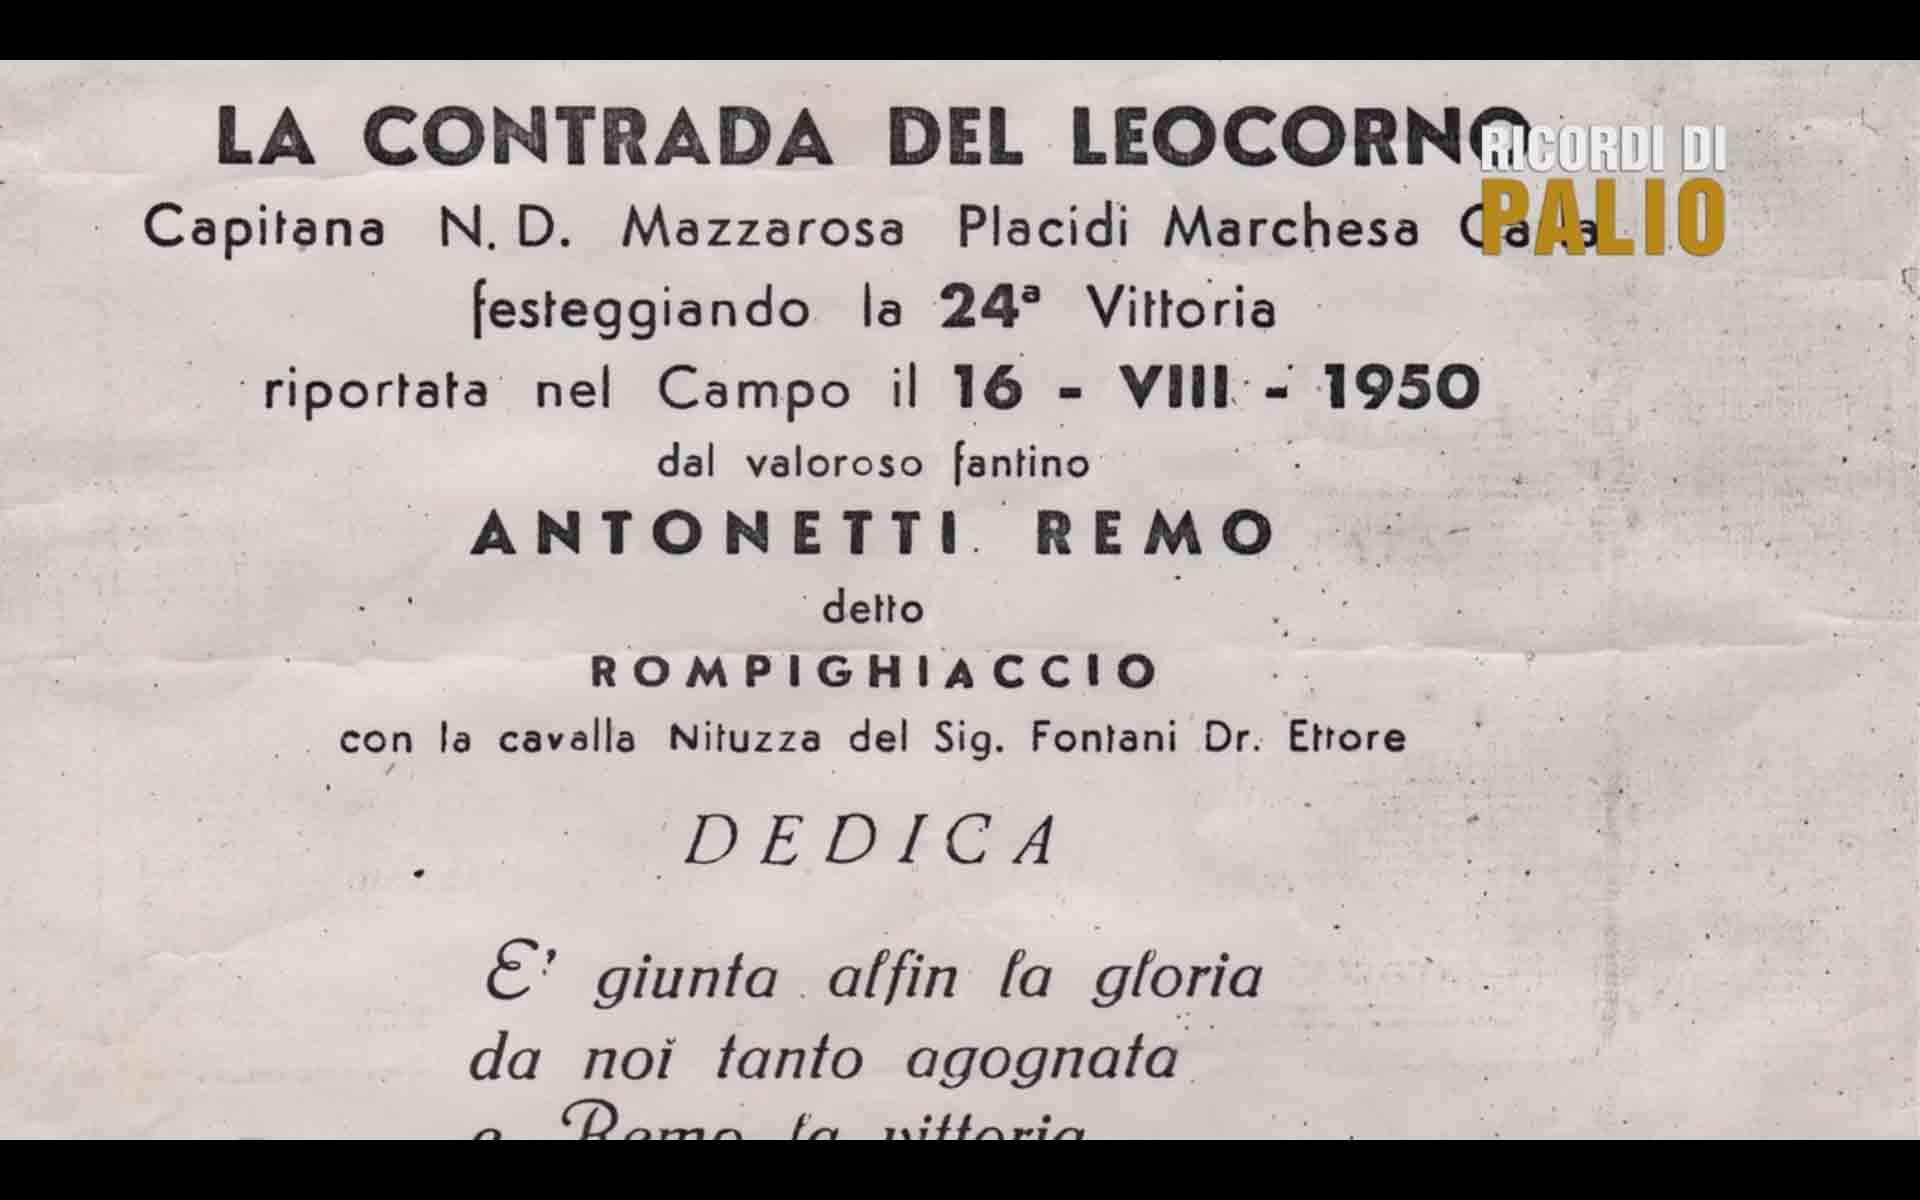 Sonetto della vittoria della Contrada del Leocorno dopo il Palio del 16 agosto 1950